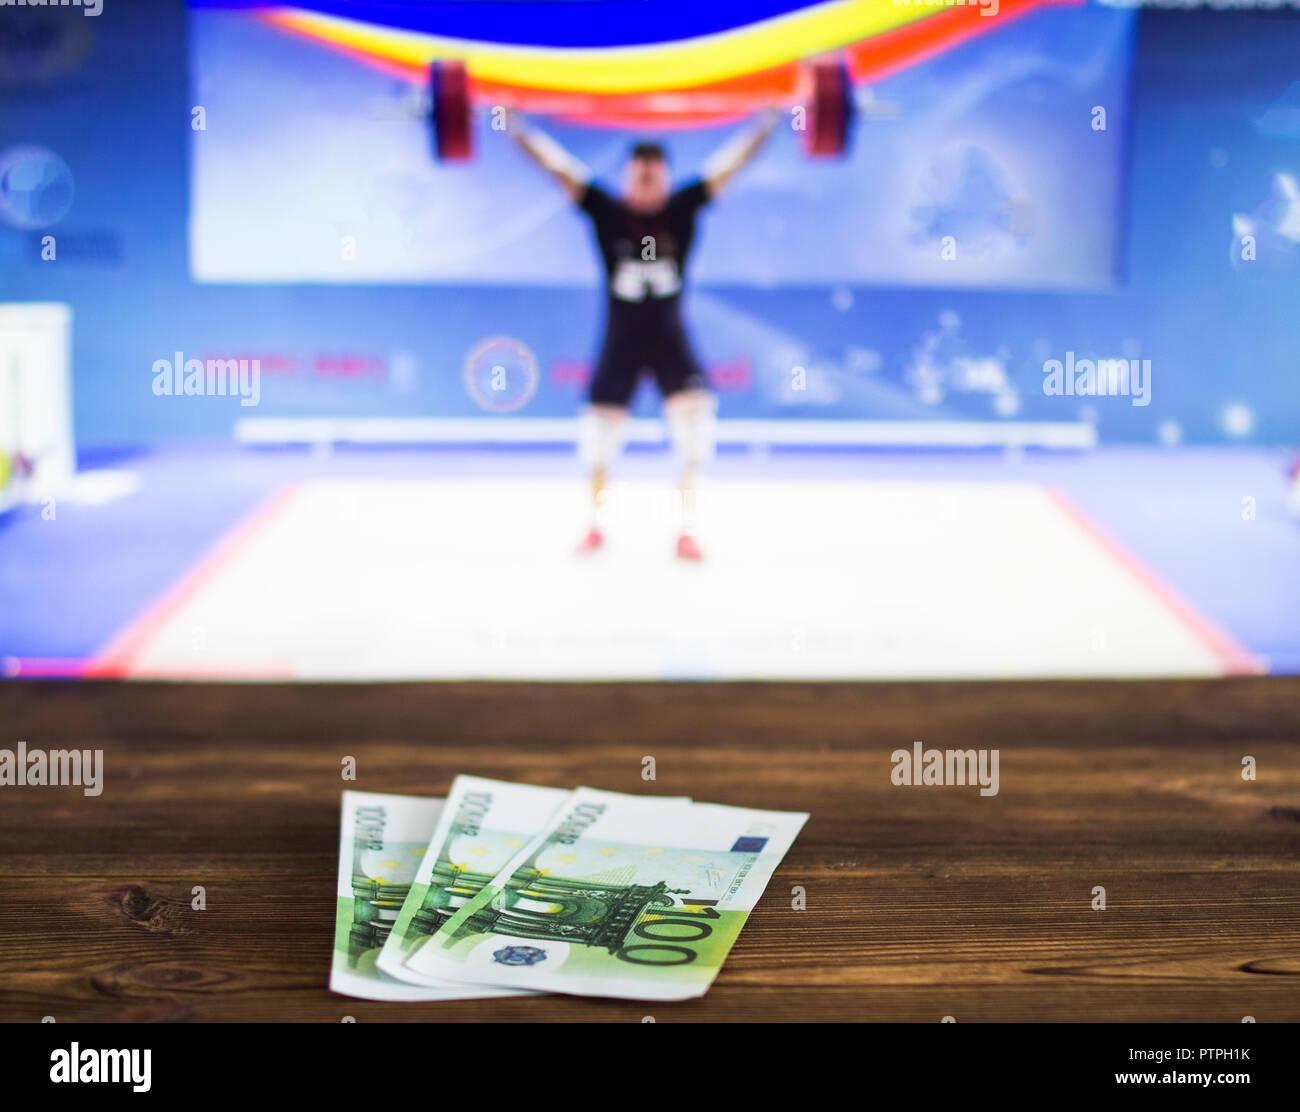 Euro denaro sullo sfondo del televisore su che mostrano il sollevamento pesi, scommesse sportive, bookmaker Immagini Stock